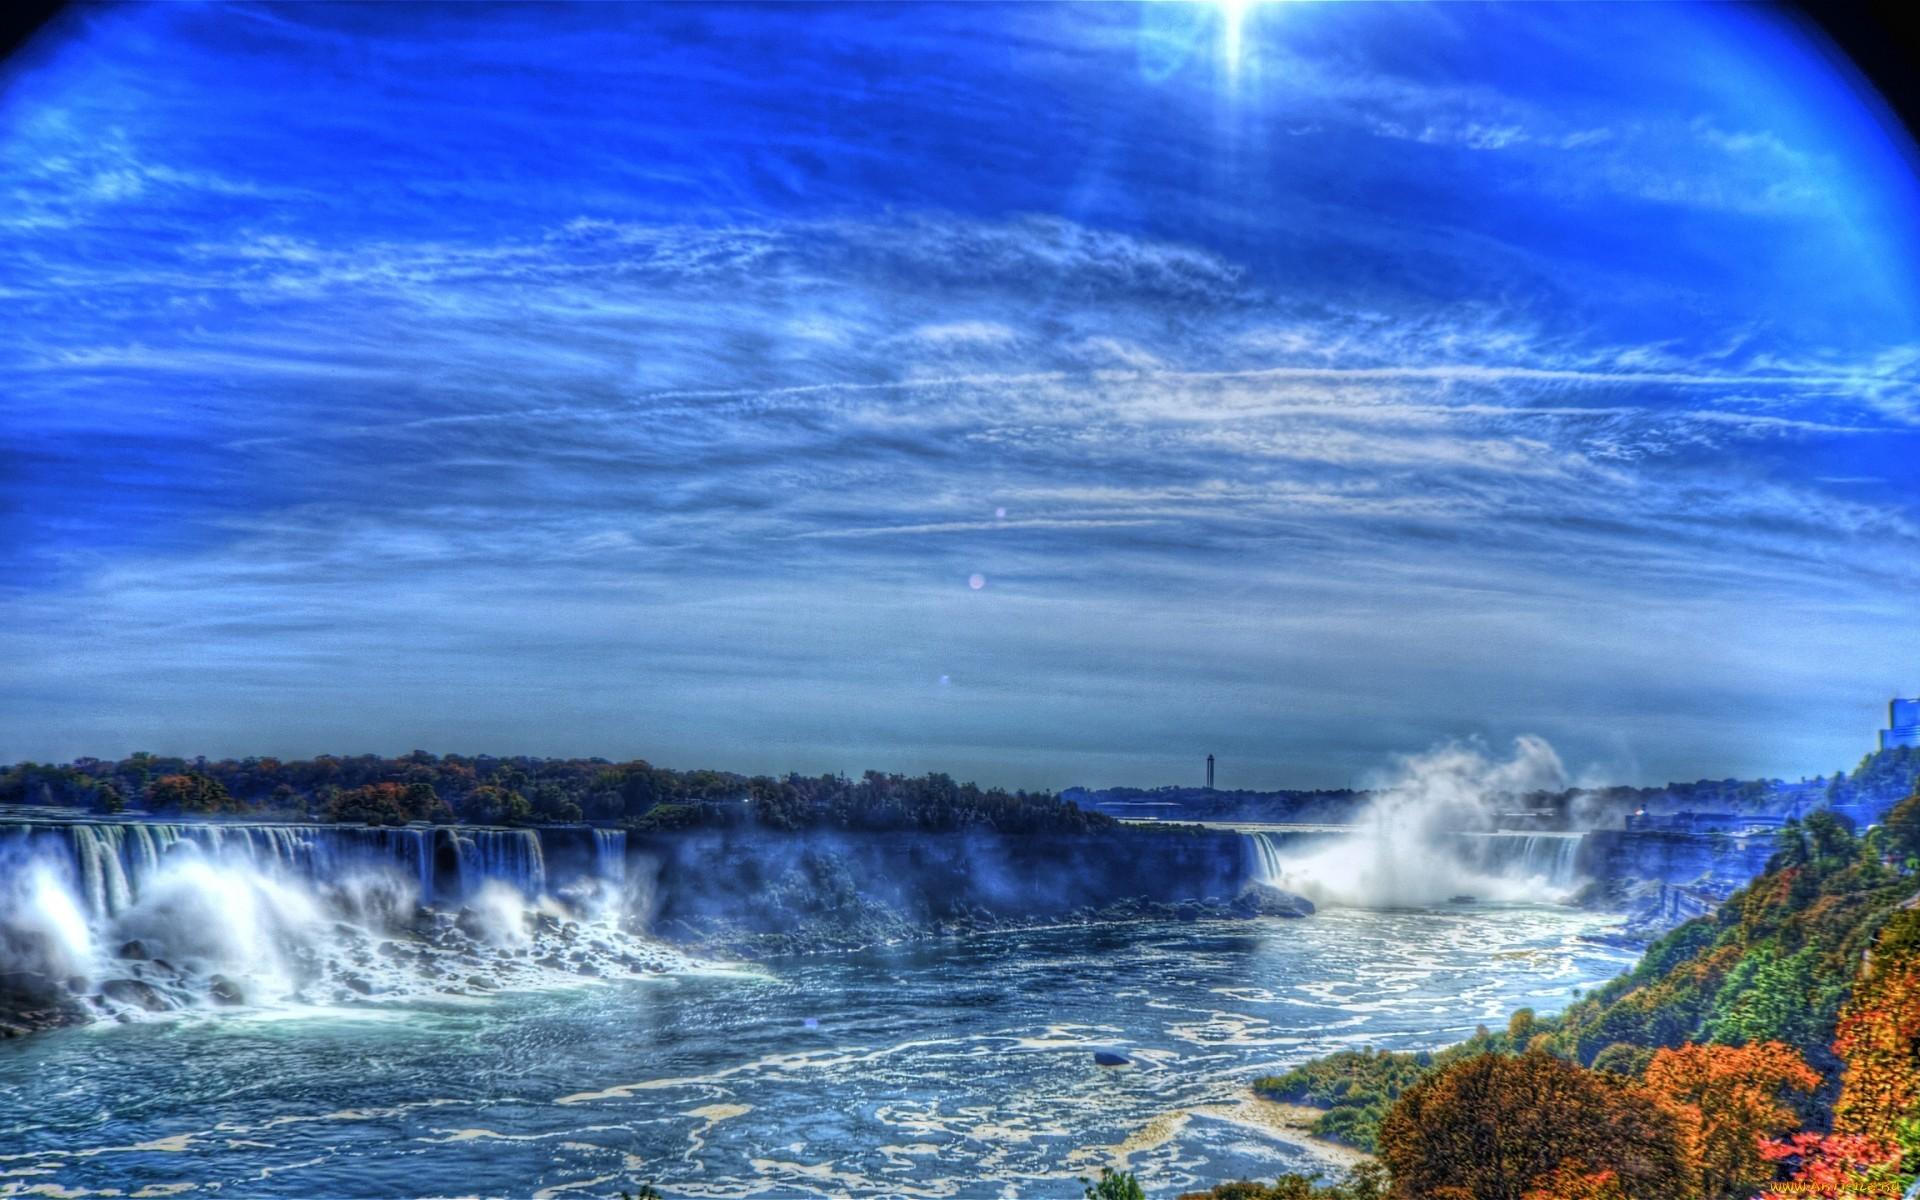 42195 Заставки и Обои Водопады на телефон. Скачать Водопады, Пейзаж, Природа картинки бесплатно